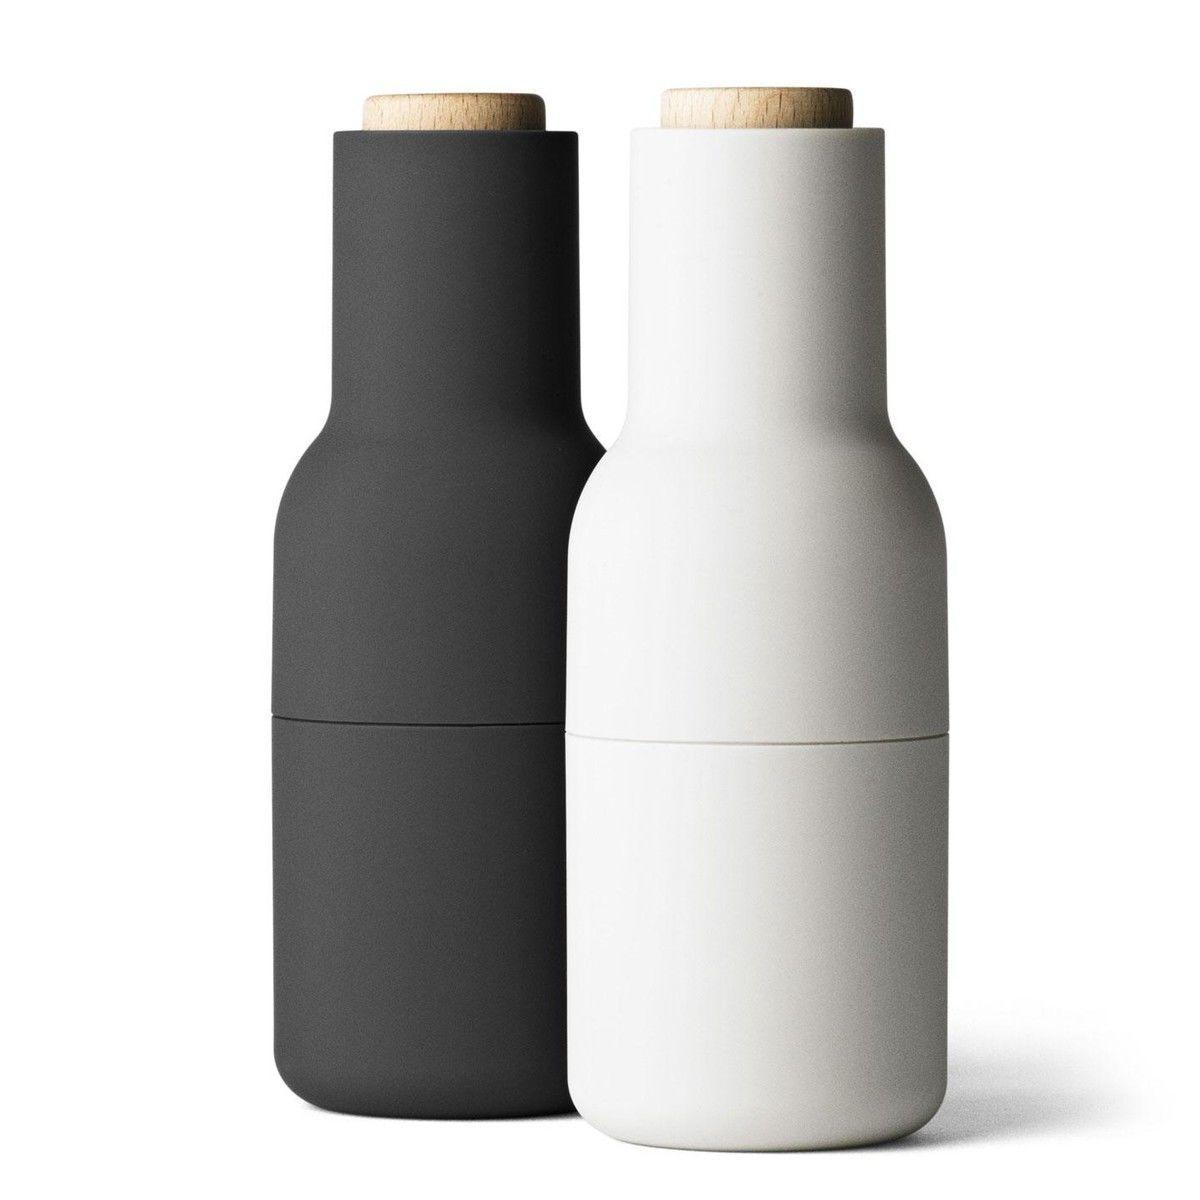 bottle grinder salt mill pepper mill menu. Black Bedroom Furniture Sets. Home Design Ideas